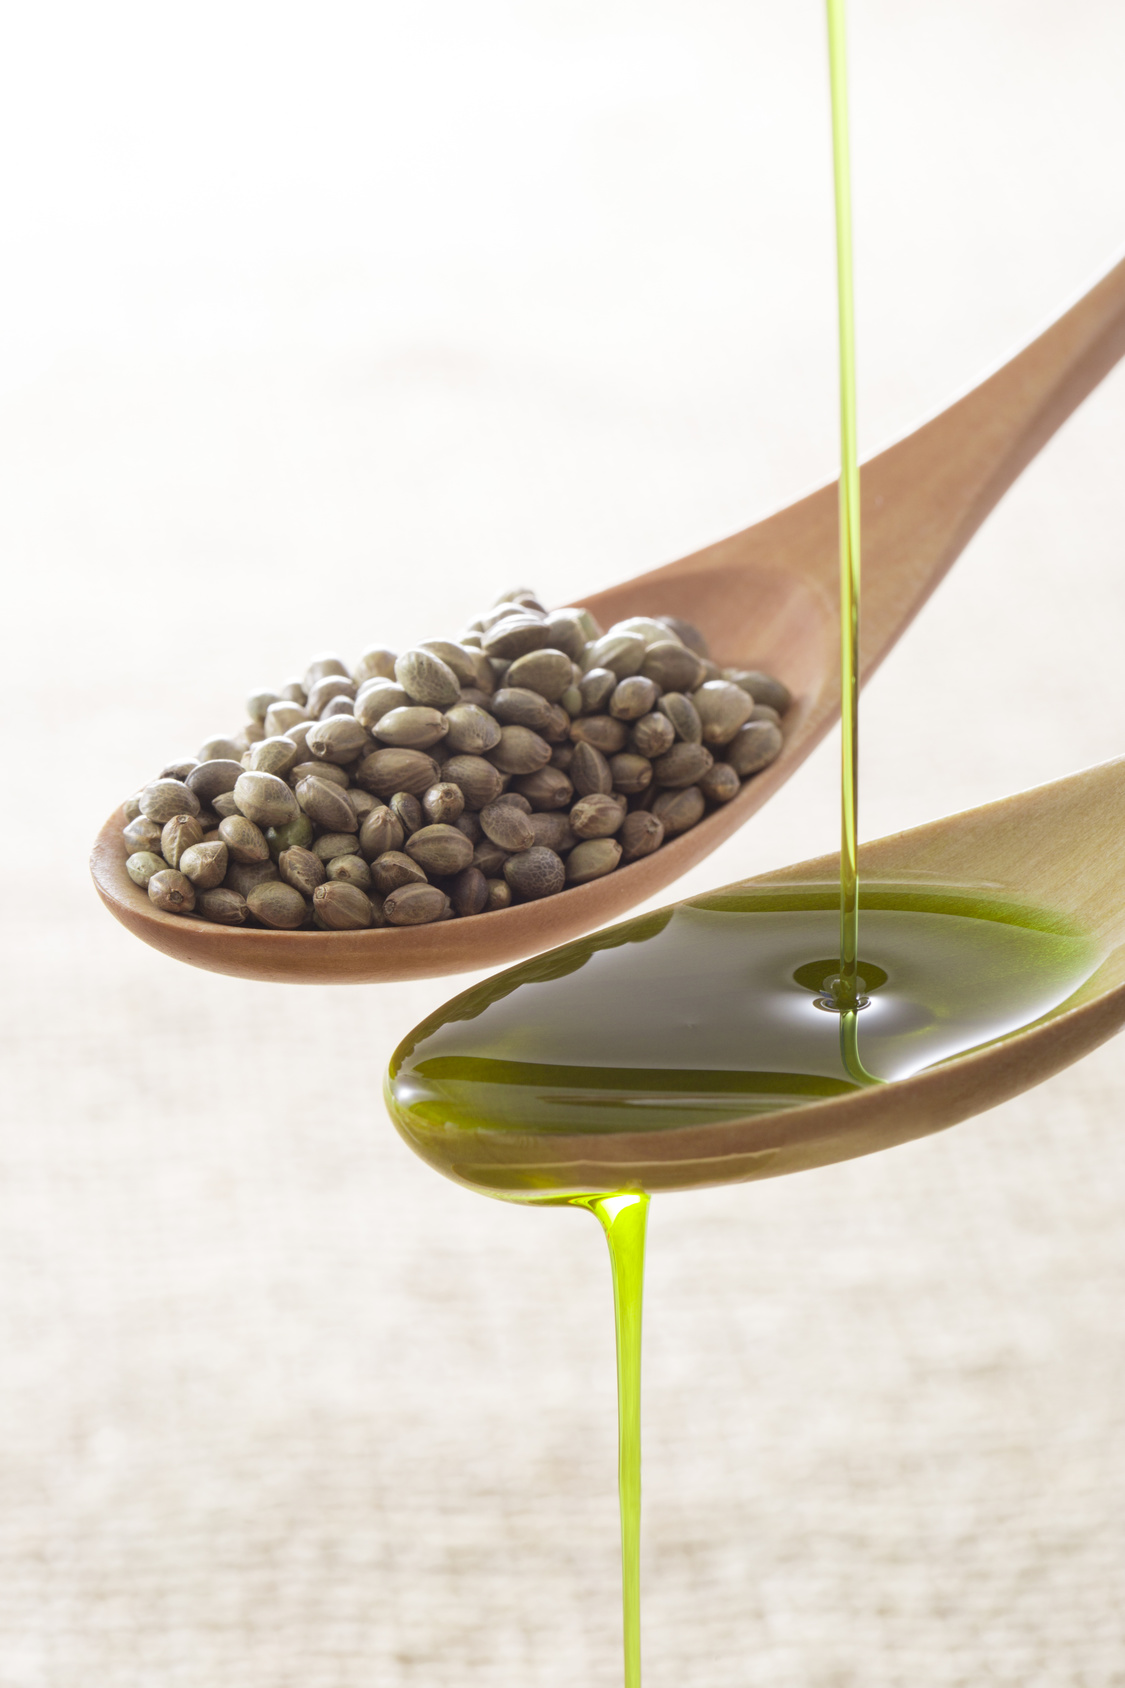 Aceite de cáñamo versus otros aceites vegetales